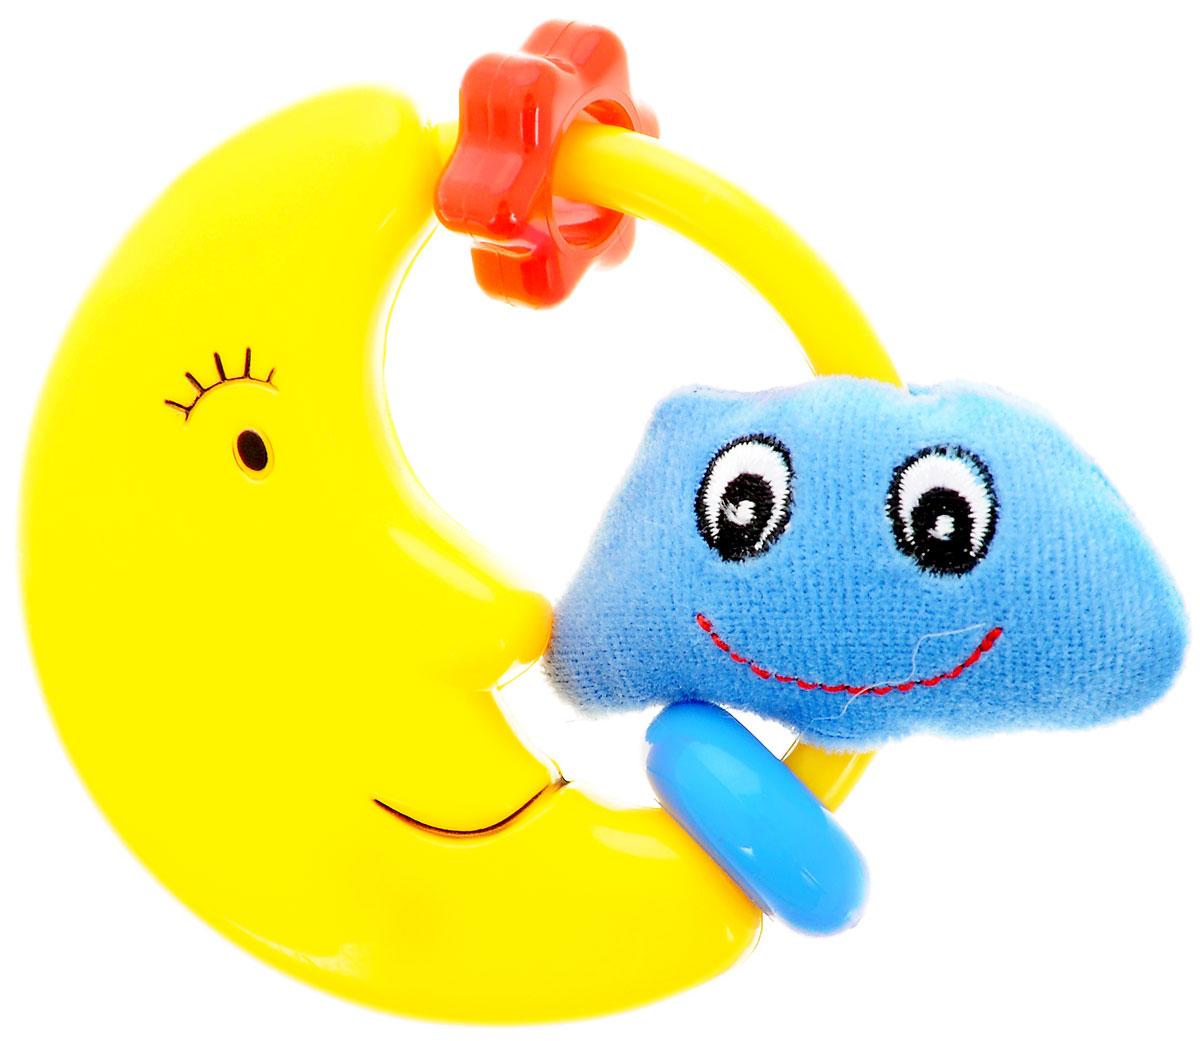 Simba Погремушка Тучка4011616_тучкаЗамечательная игрушка-погремушка Simba Тучка, несомненно, вызовет улыбку и положительные эмоции у вашего малыша. Погремушка сочетает в себе яркие элементы с различными функциональными возможностями. Ручка очень удобна для захвата маленькими детскими пальчиками, поэтому при помощи этой игрушки малыша будет легко научить удерживать предметы. Погремушка выполнена из высококачественного безопасного пластика, поэтому малыш может использовать ее как прорезыватель. В игровой форме малыш ознакомится с такими понятиями, как: звук, цвет и форма предмета.